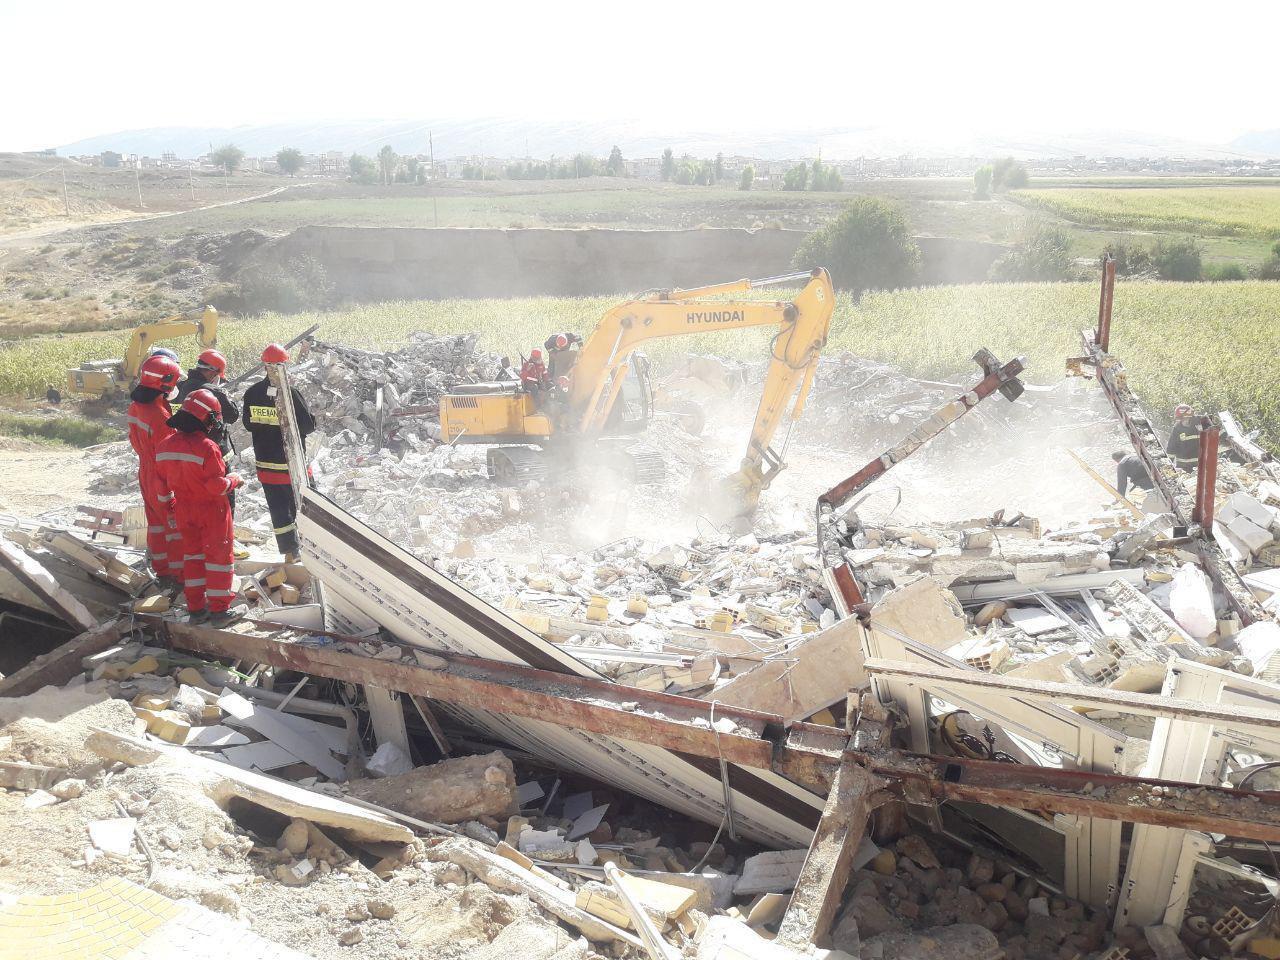 پیگیری برقراری مستمری بازماندگان در مناطق زلزله زده استان کرمانشاه